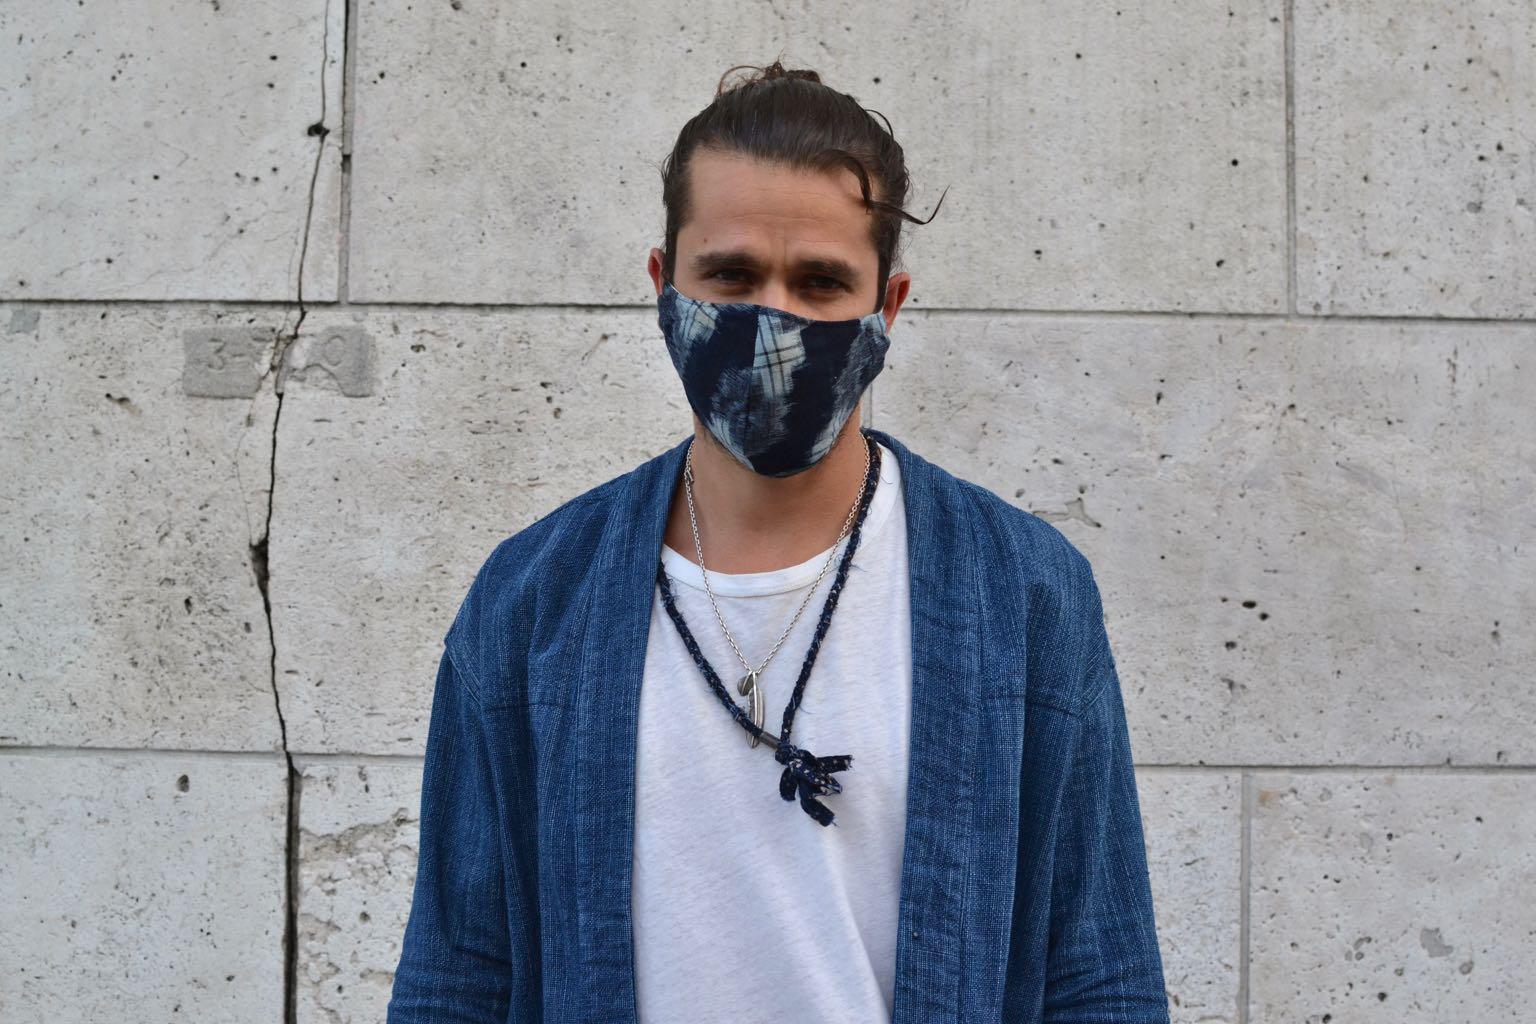 comment porté masque homme style indigo japonais noragi et collier borali